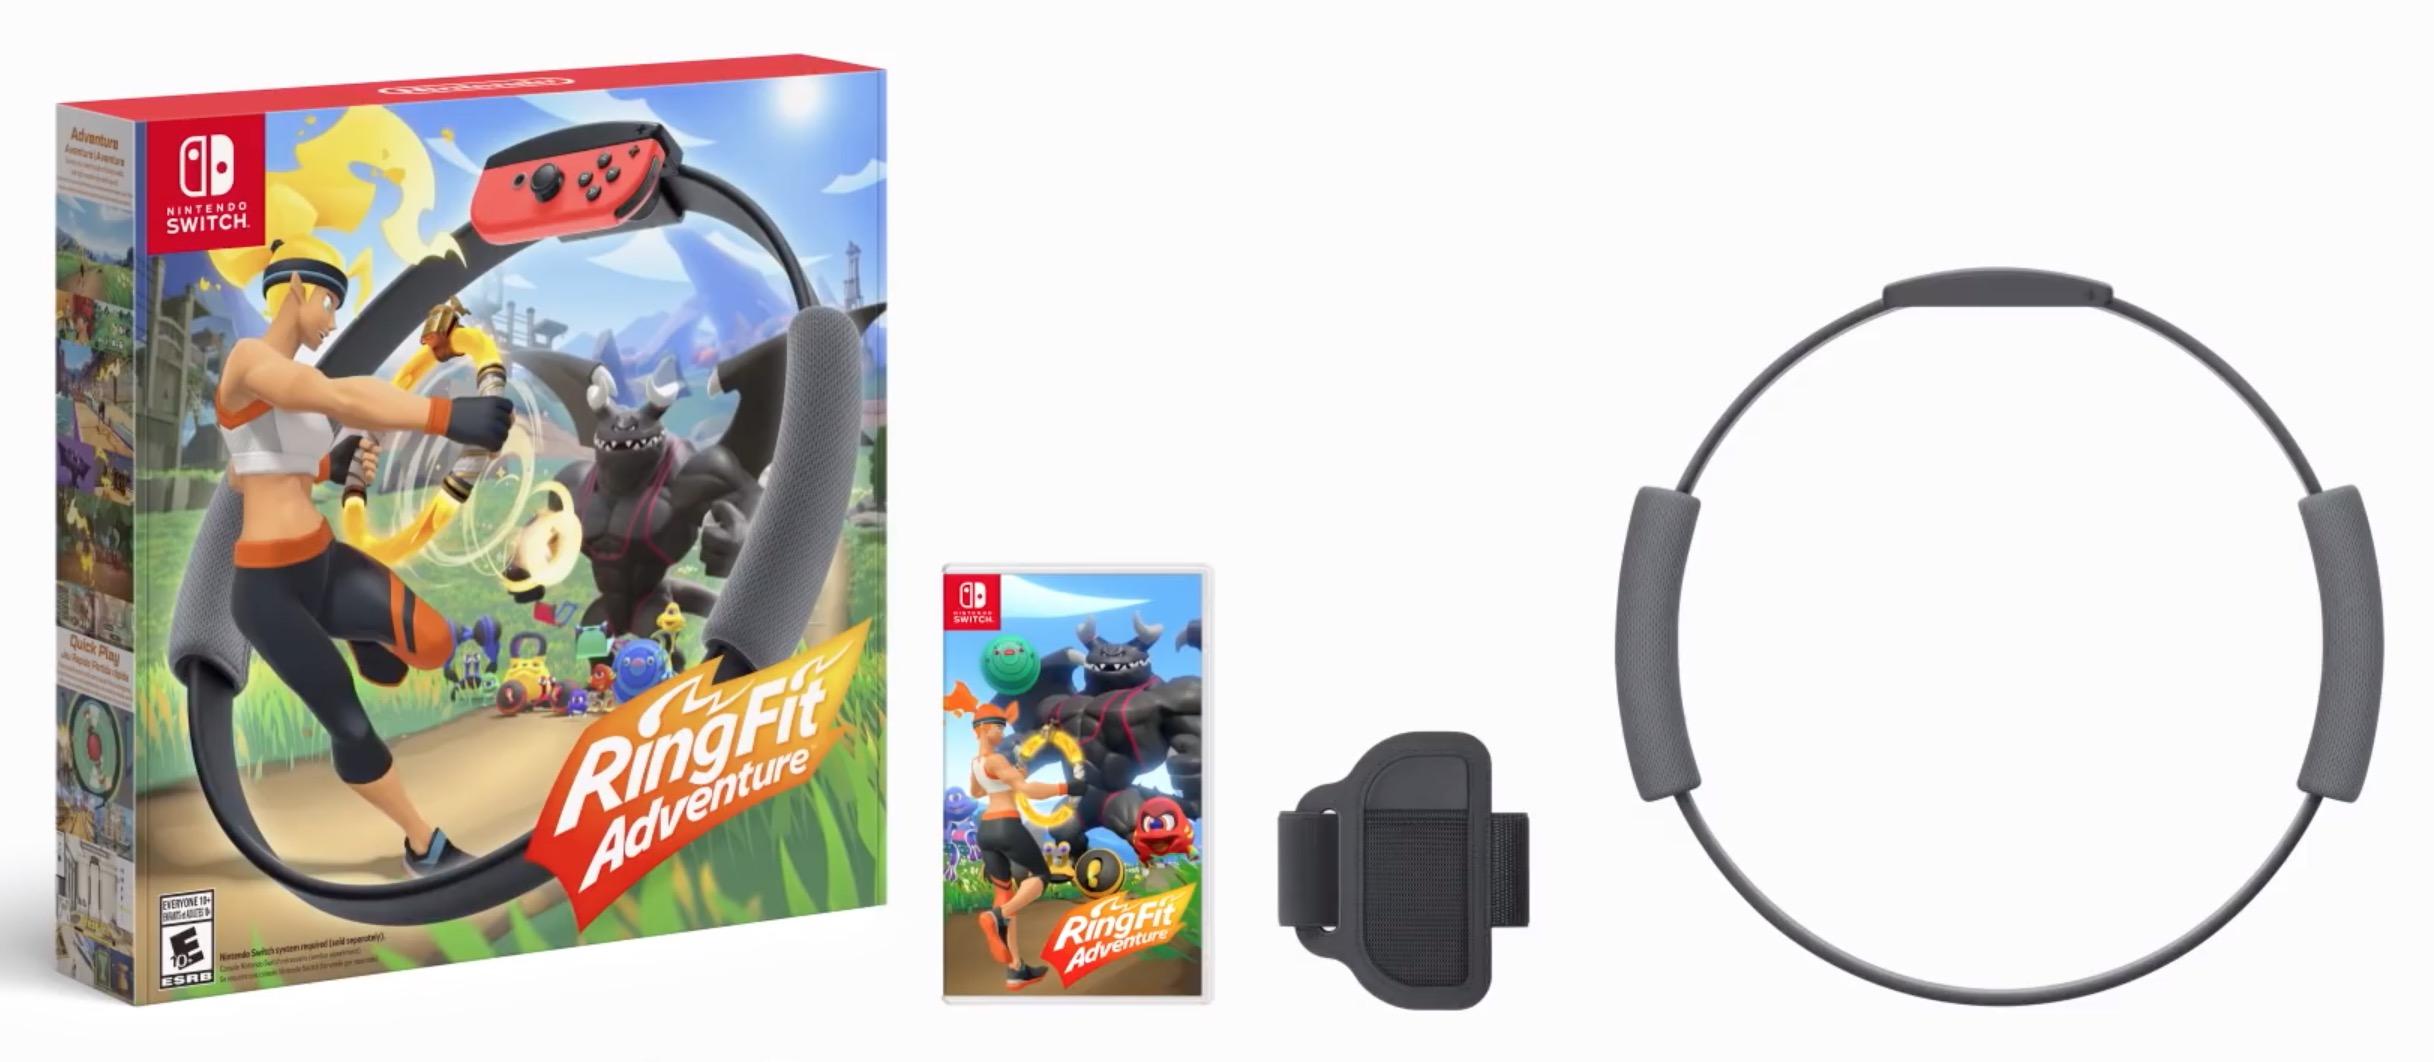 Belki birkaç kilo vereceğim. RingFit Adventures, konsol için düşünceli bir fitness aleti Nintendo Switch 1